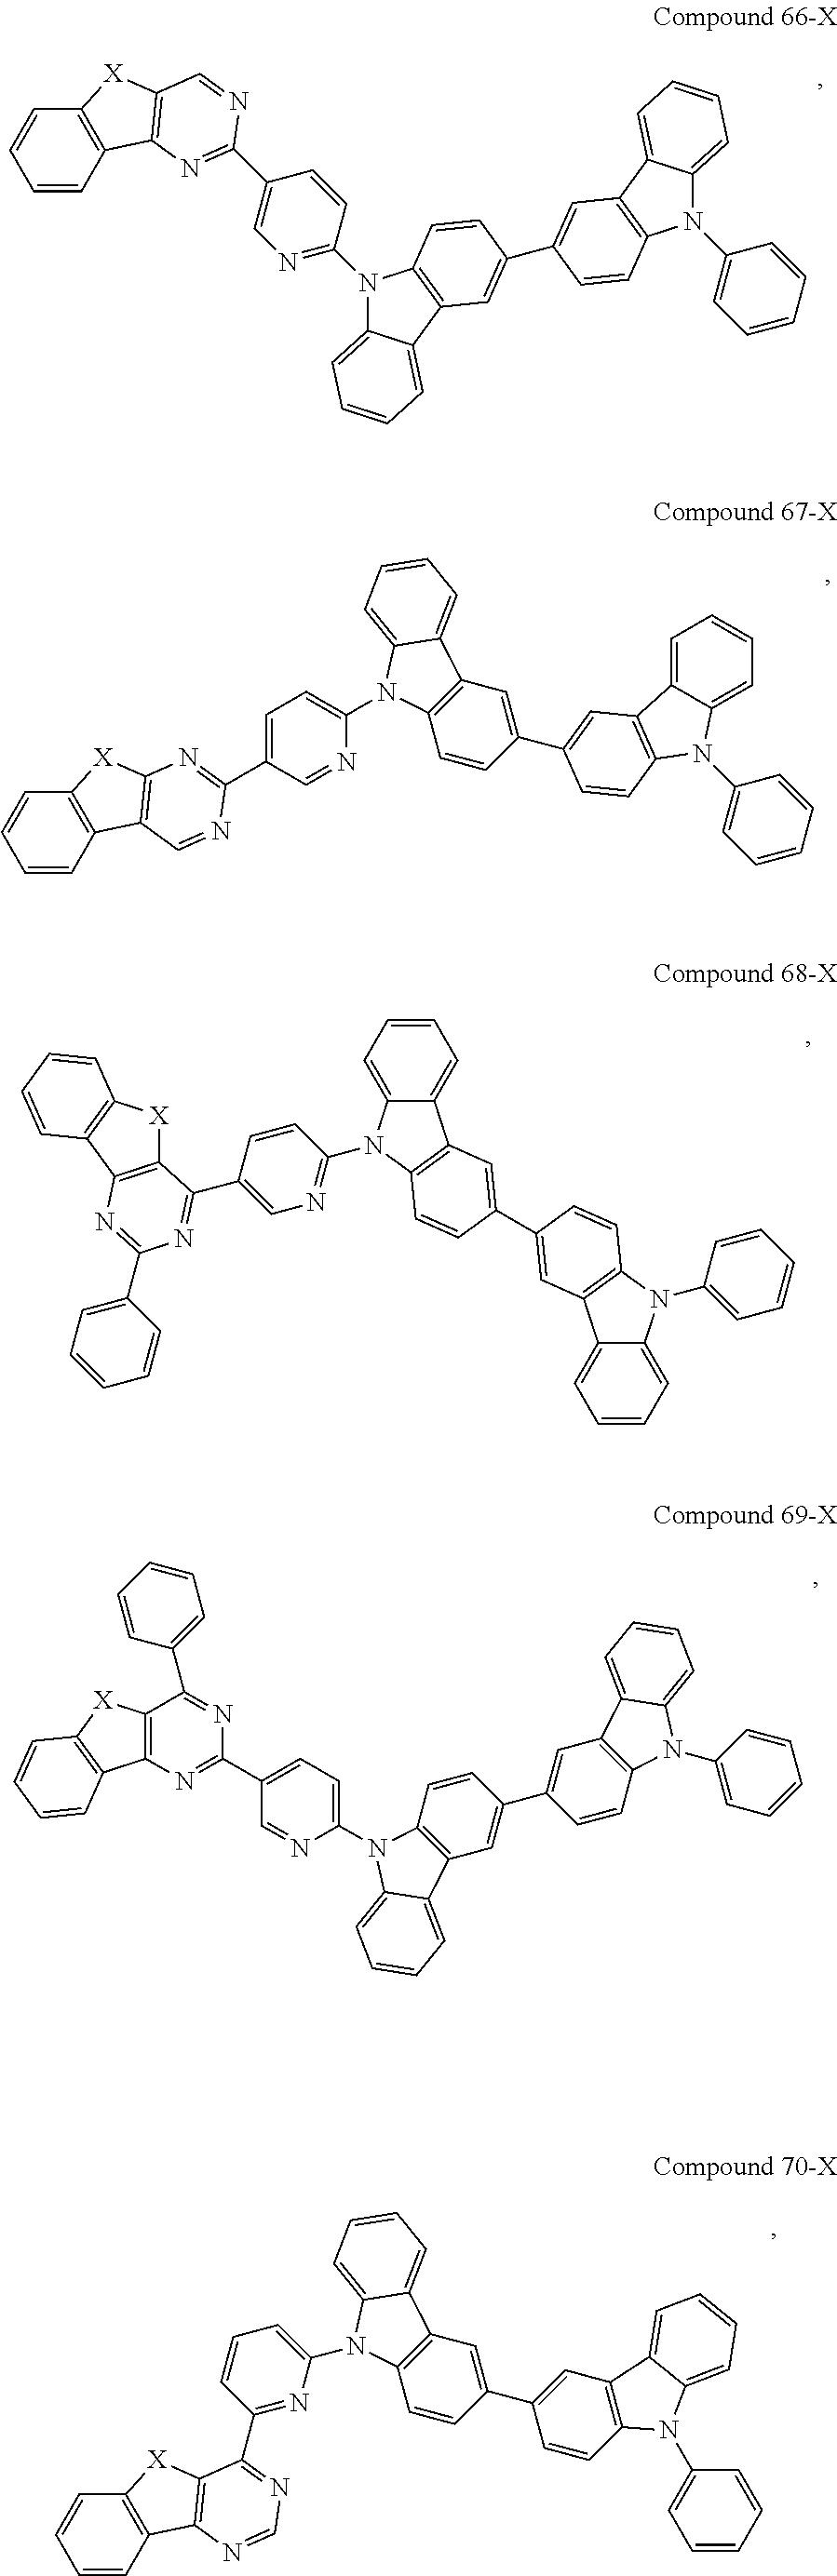 Figure US09553274-20170124-C00021